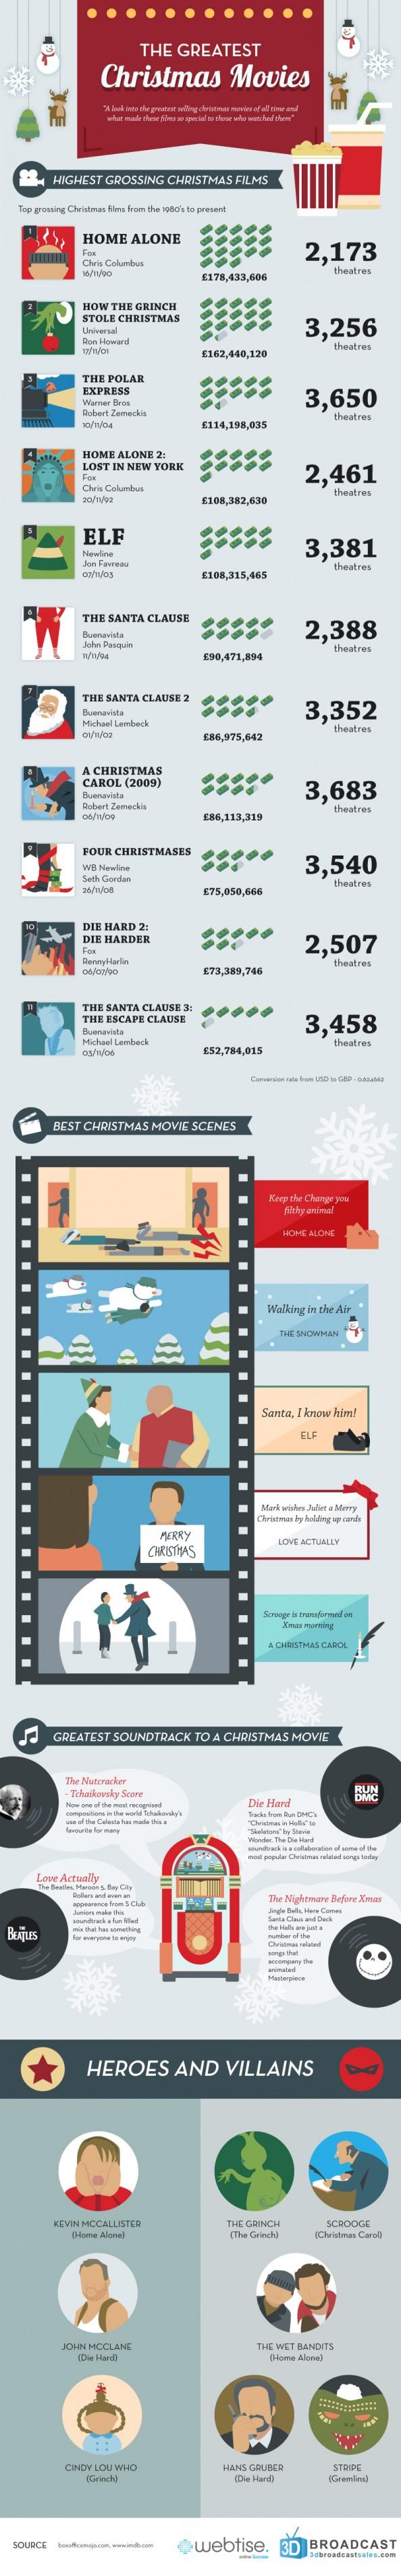 The Greatest Christmas Movies Christmas Movies Funny Christmas Movies Great Christmas Movies